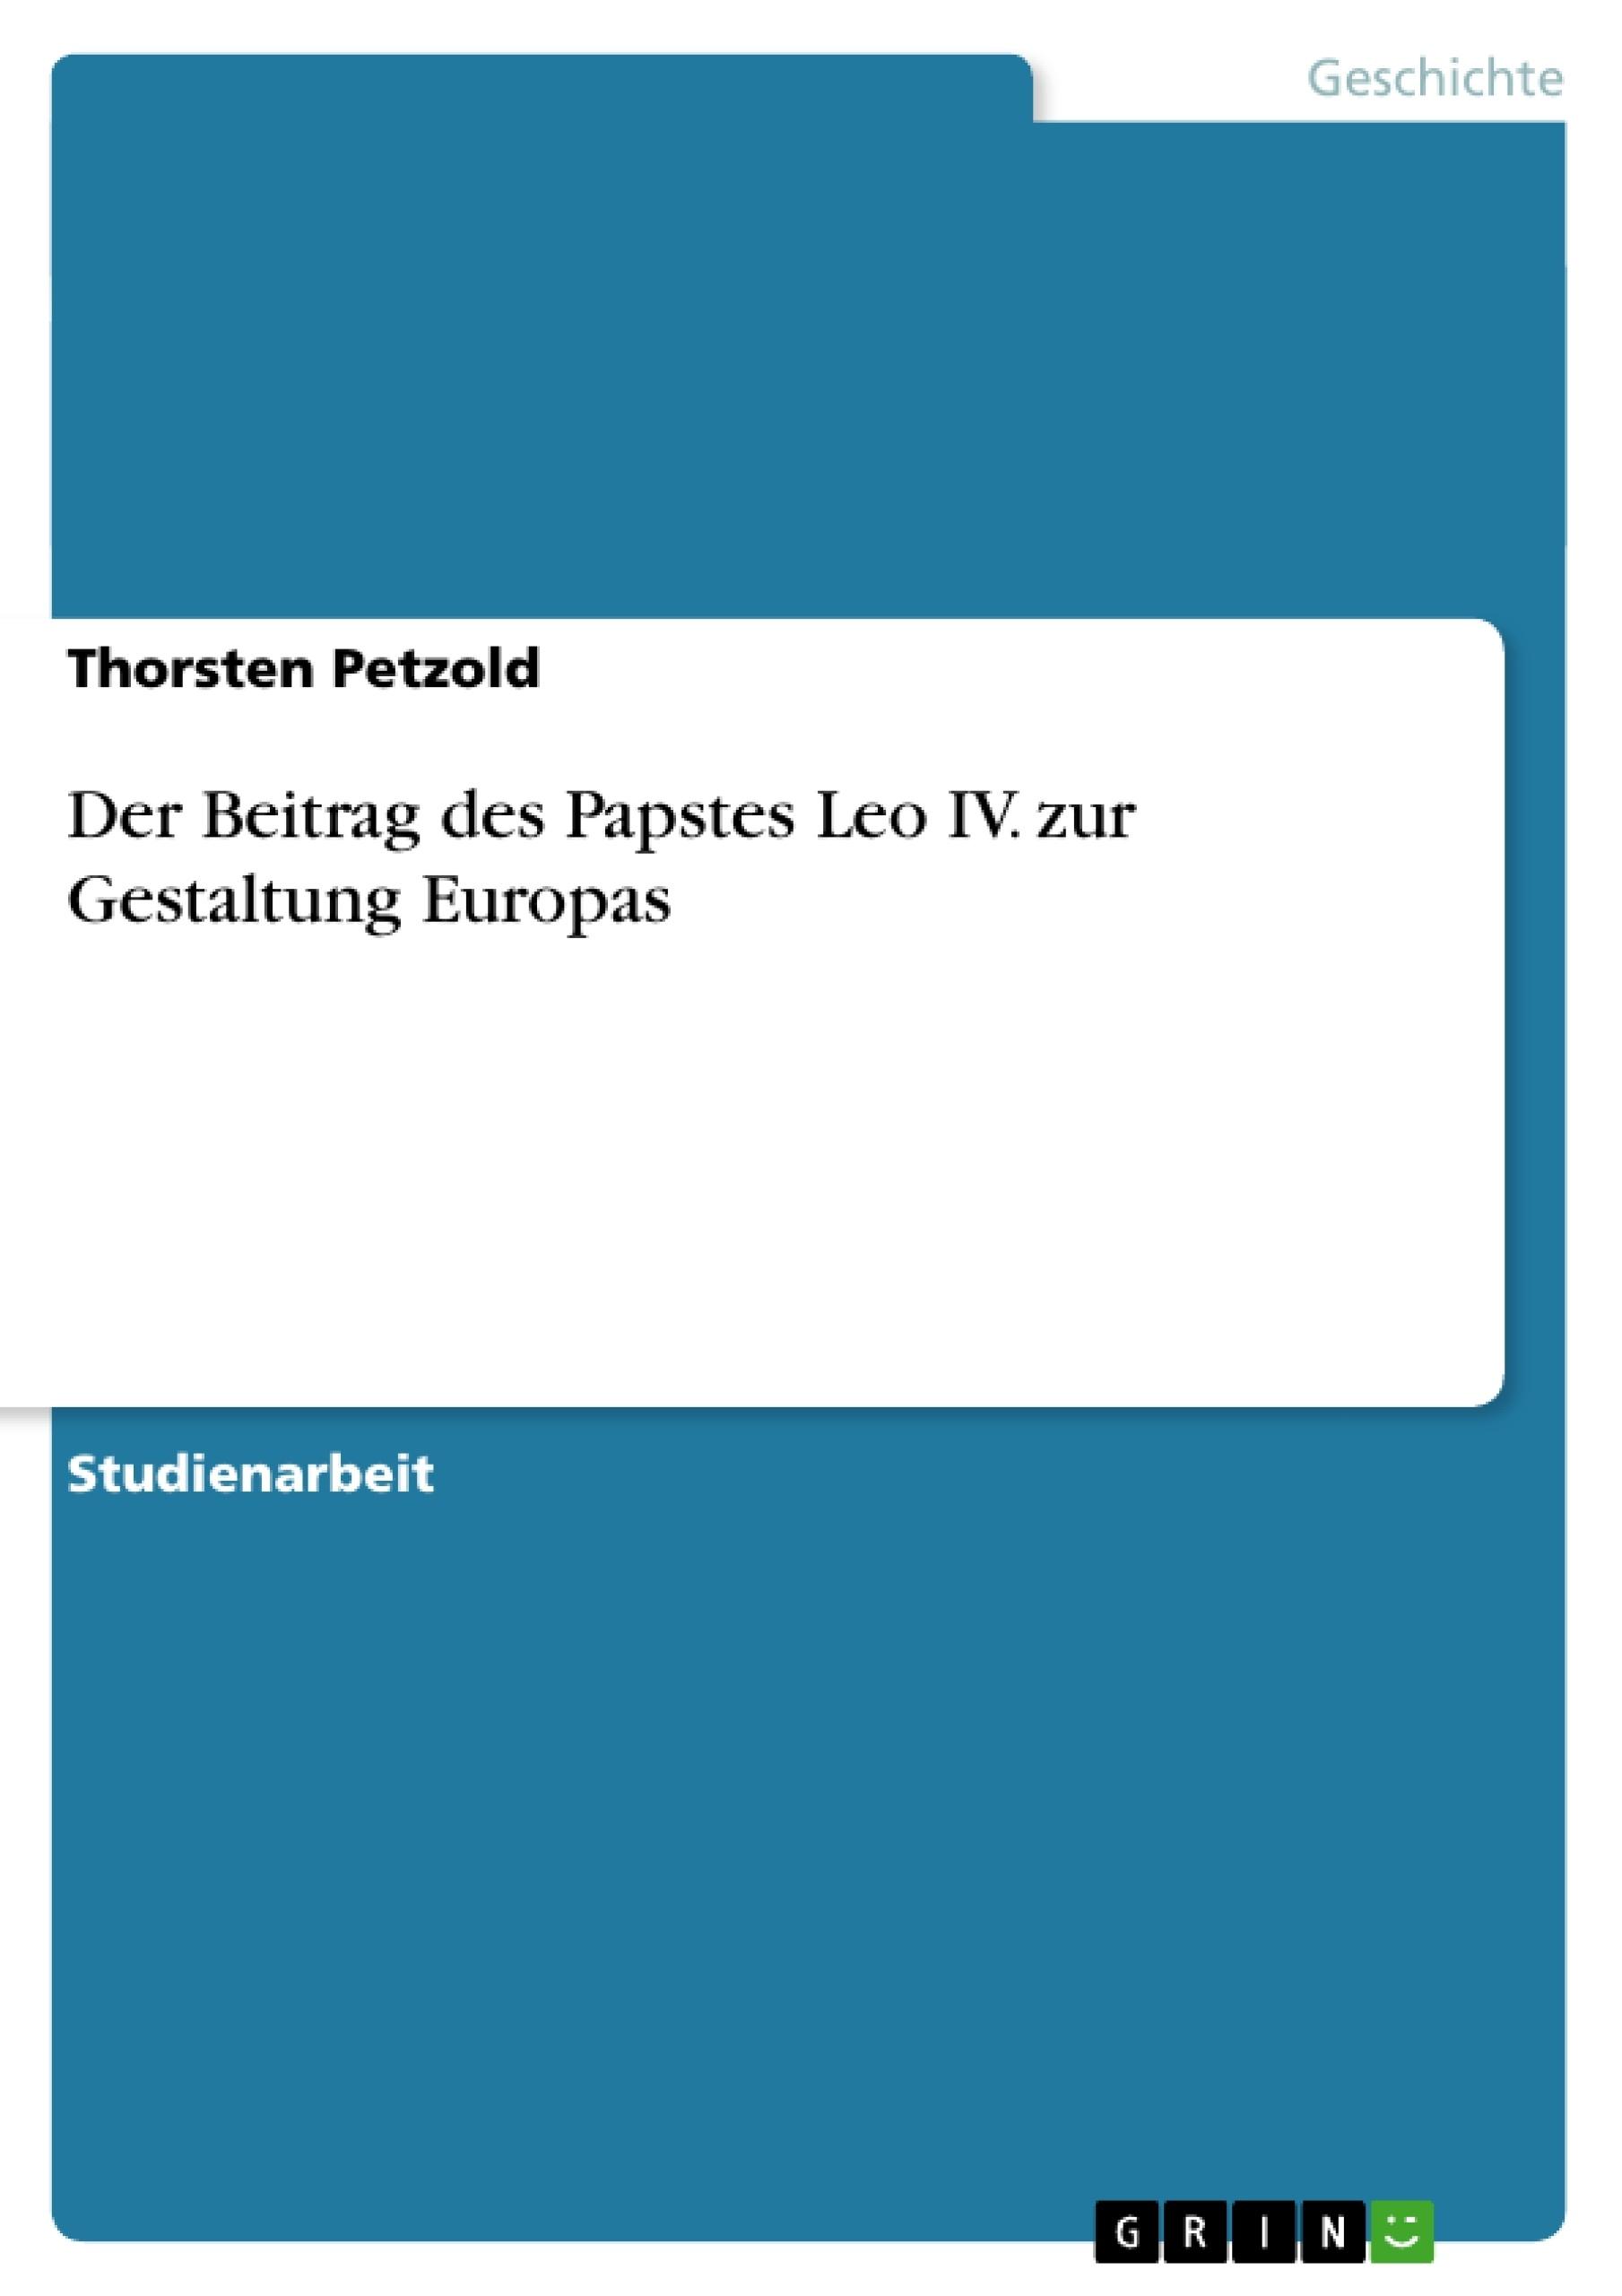 Titel: Der Beitrag des Papstes Leo IV. zur Gestaltung Europas